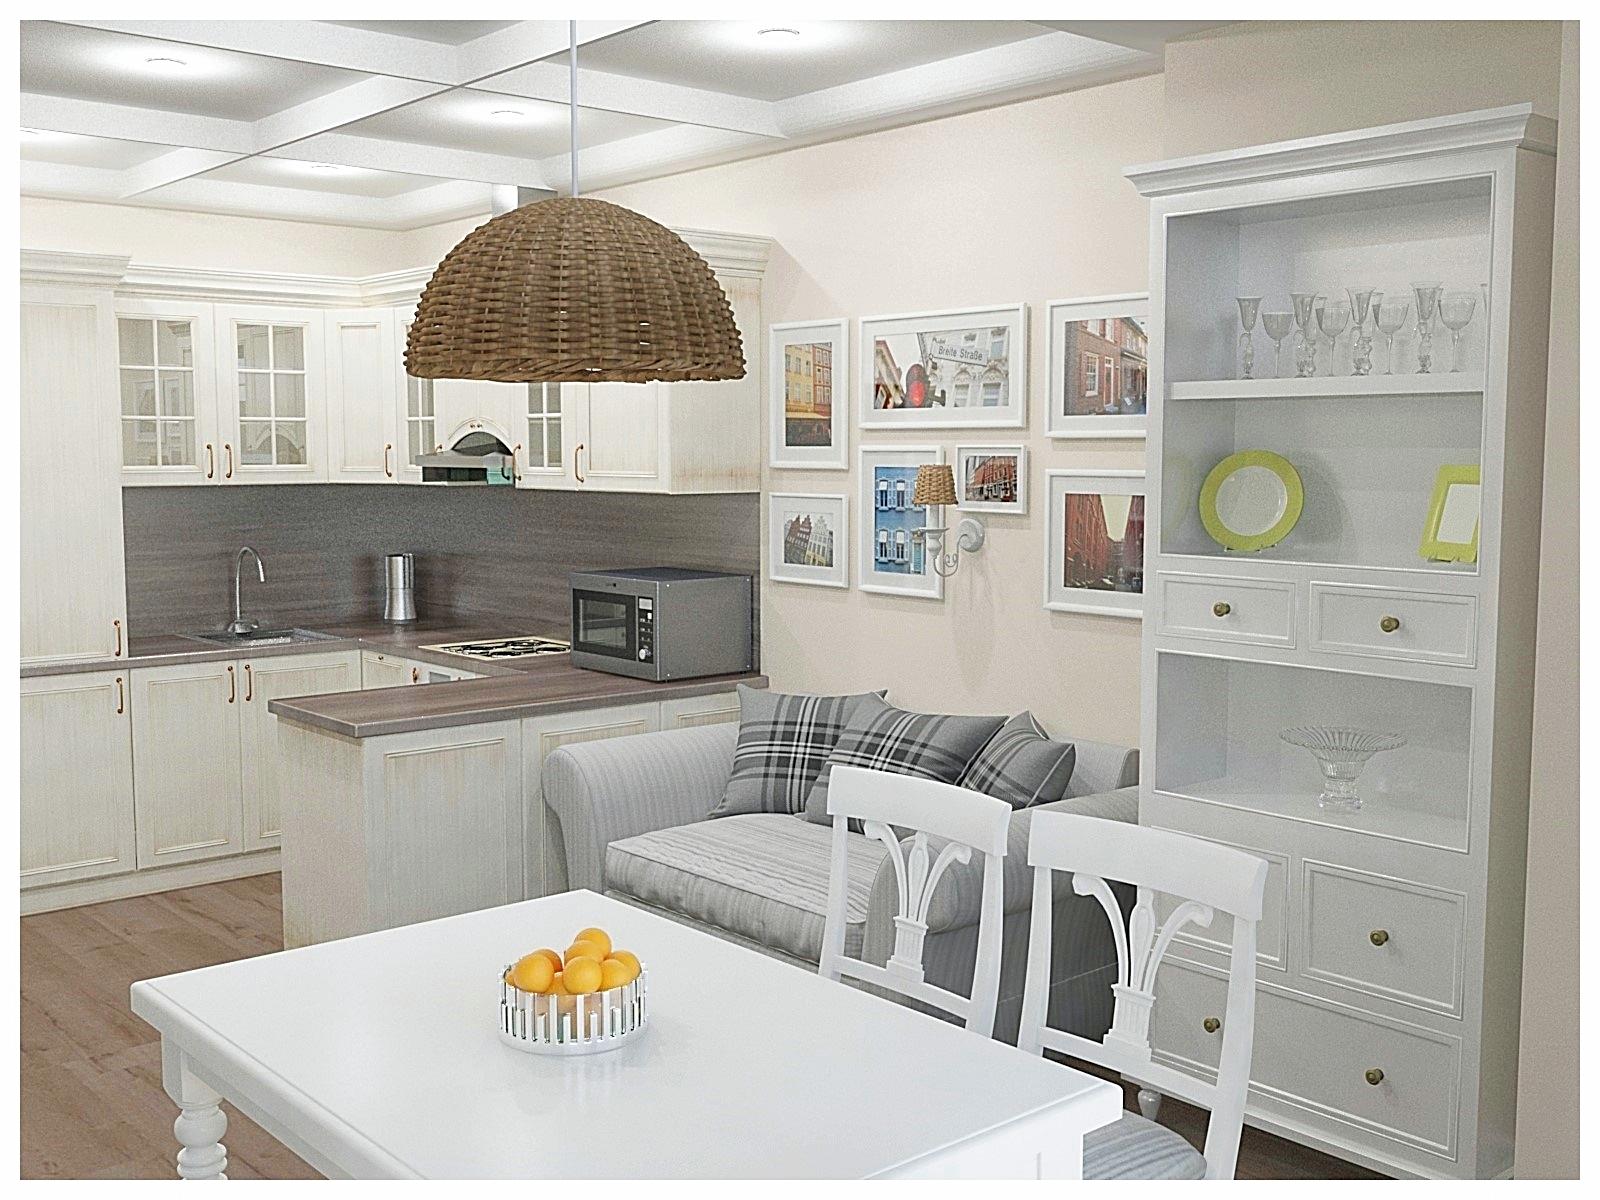 Дизайн интерьеров по договору на дизайн проект двухкомнатной квартиры. Гостиная-кухня 1.